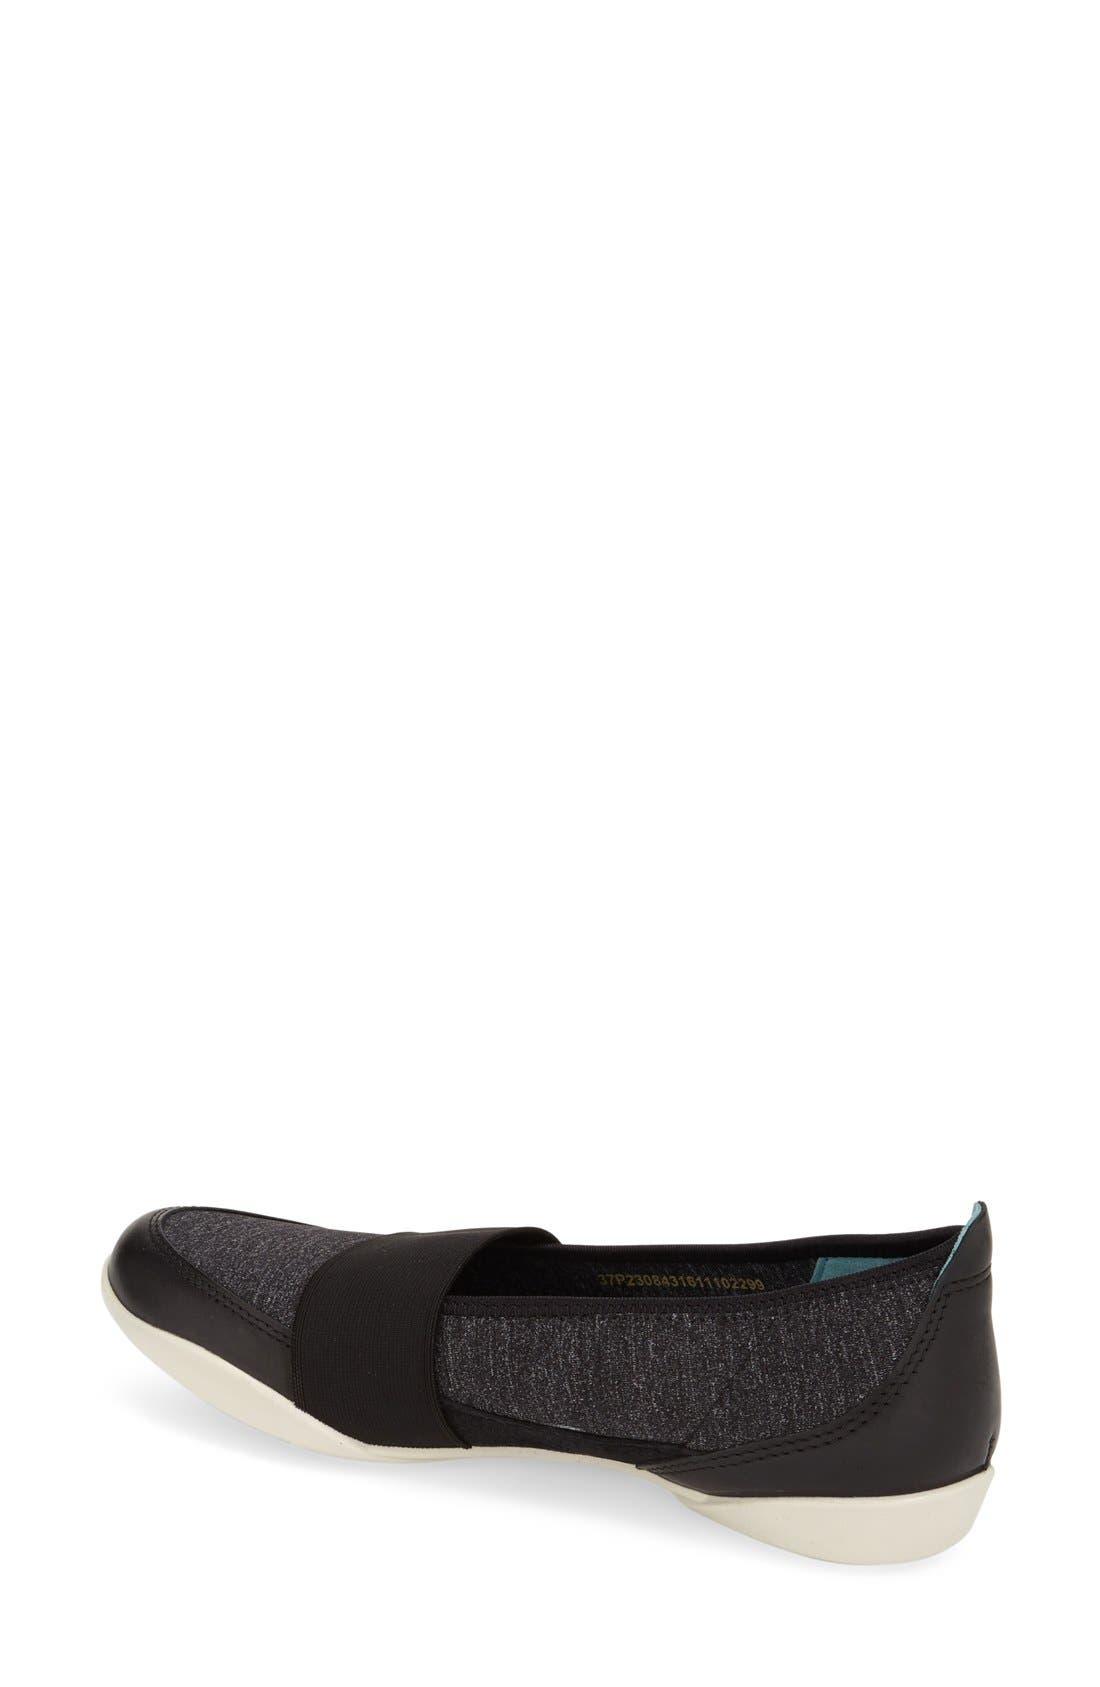 'Bluma' Slip-On Sneaker,                             Alternate thumbnail 16, color,